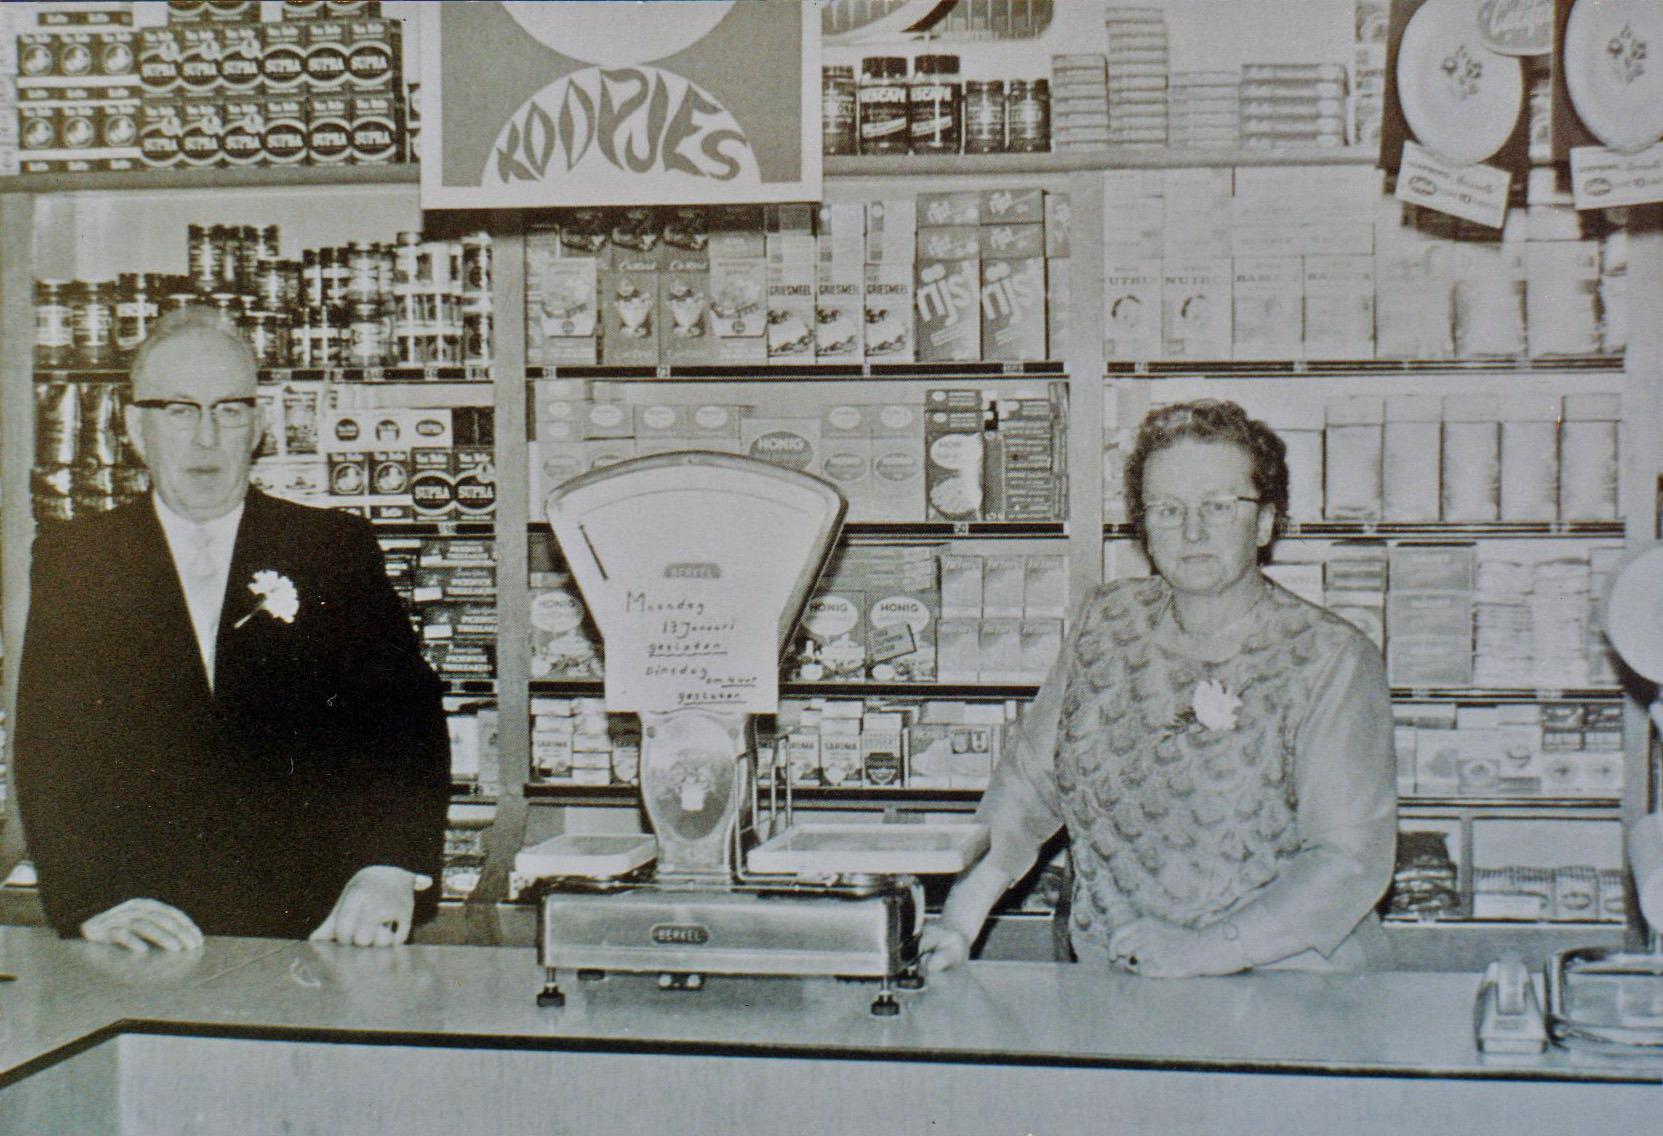 bruur-driksken-beernink-winkel-1969